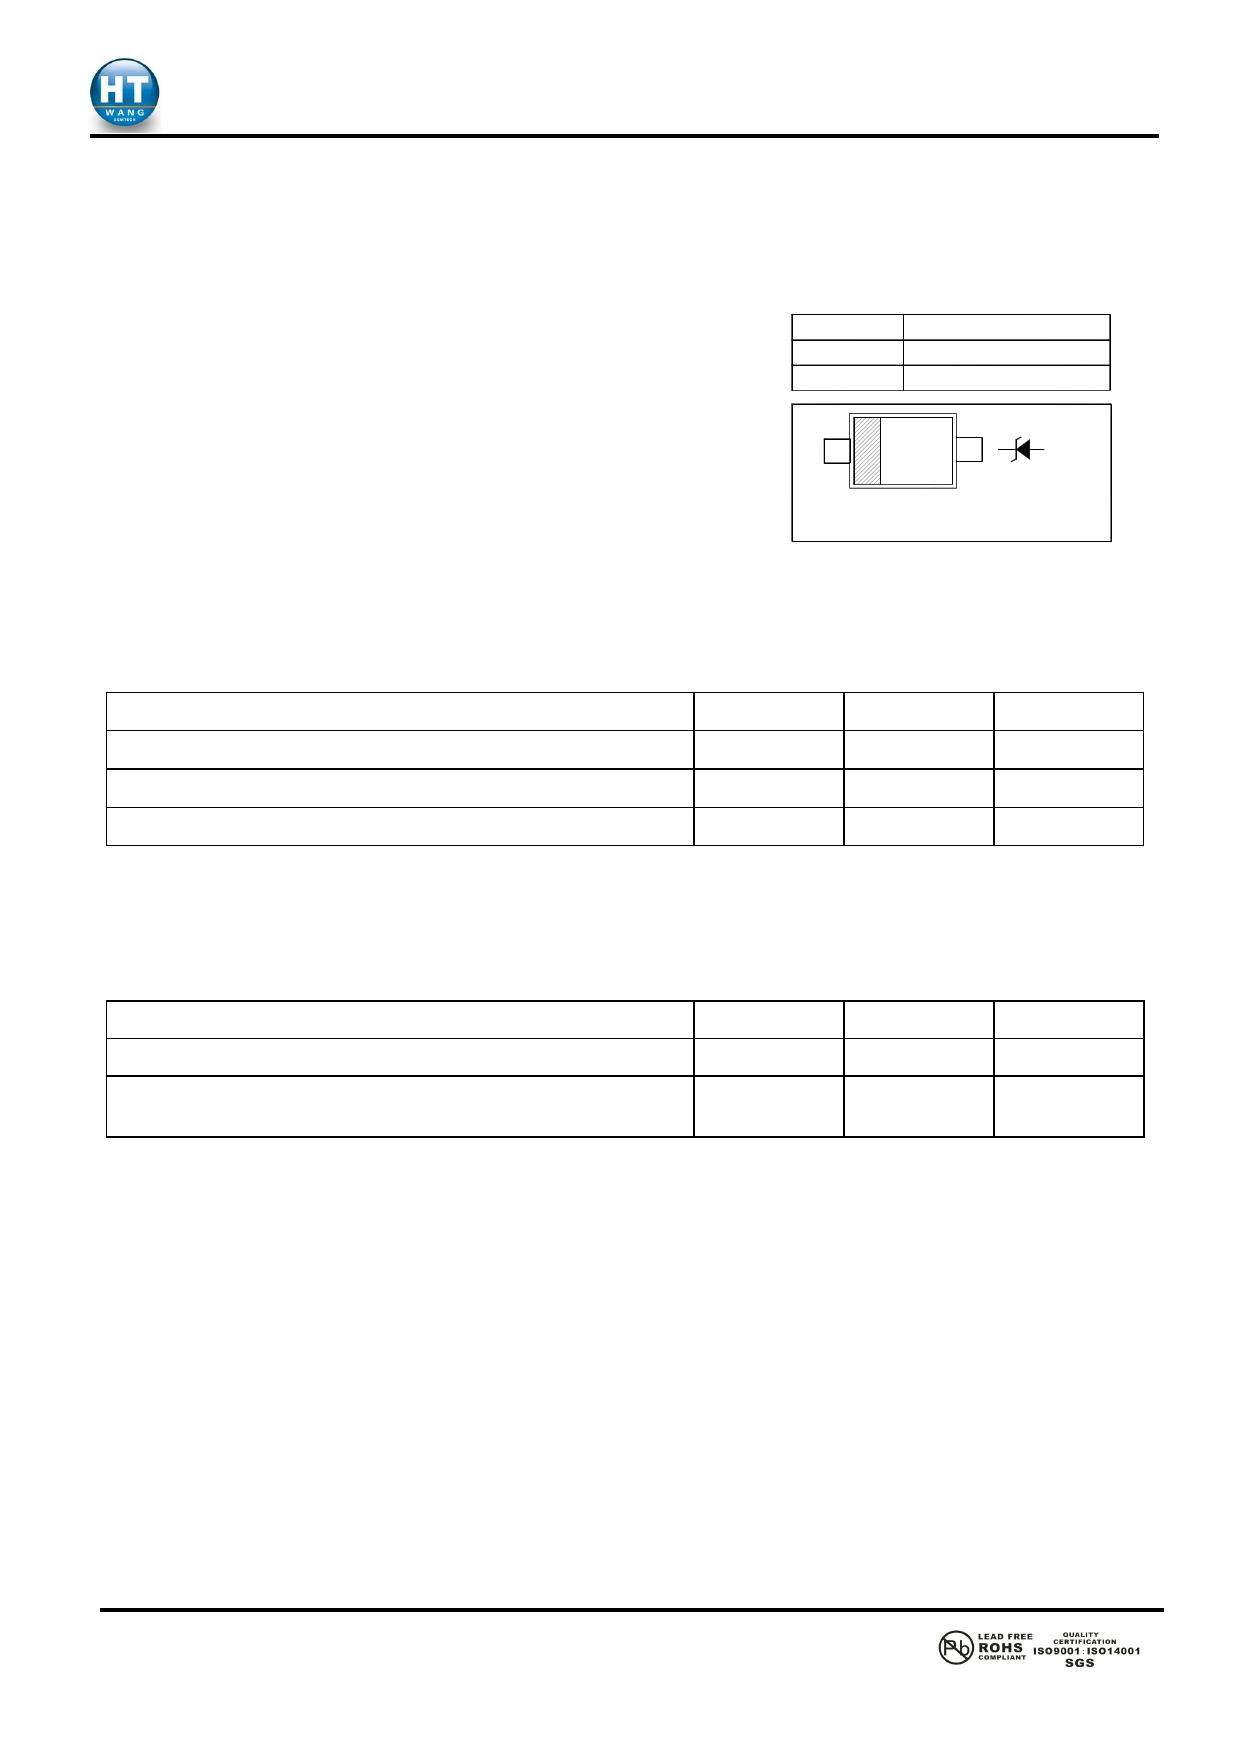 MM1Z7V5 datasheet